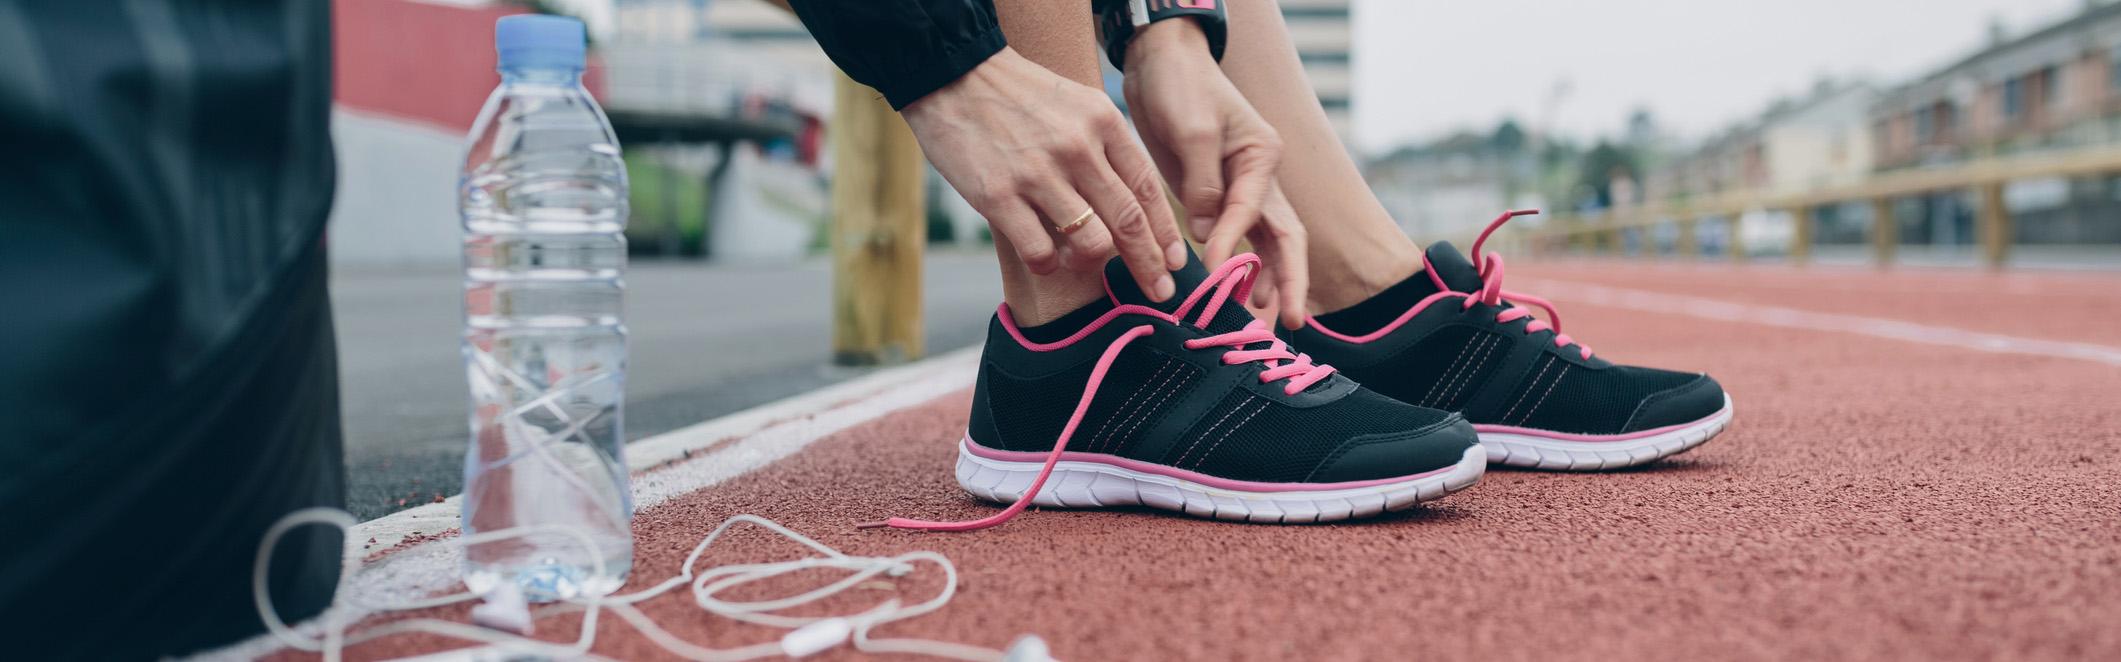 buying-running-shoes-main.jpg